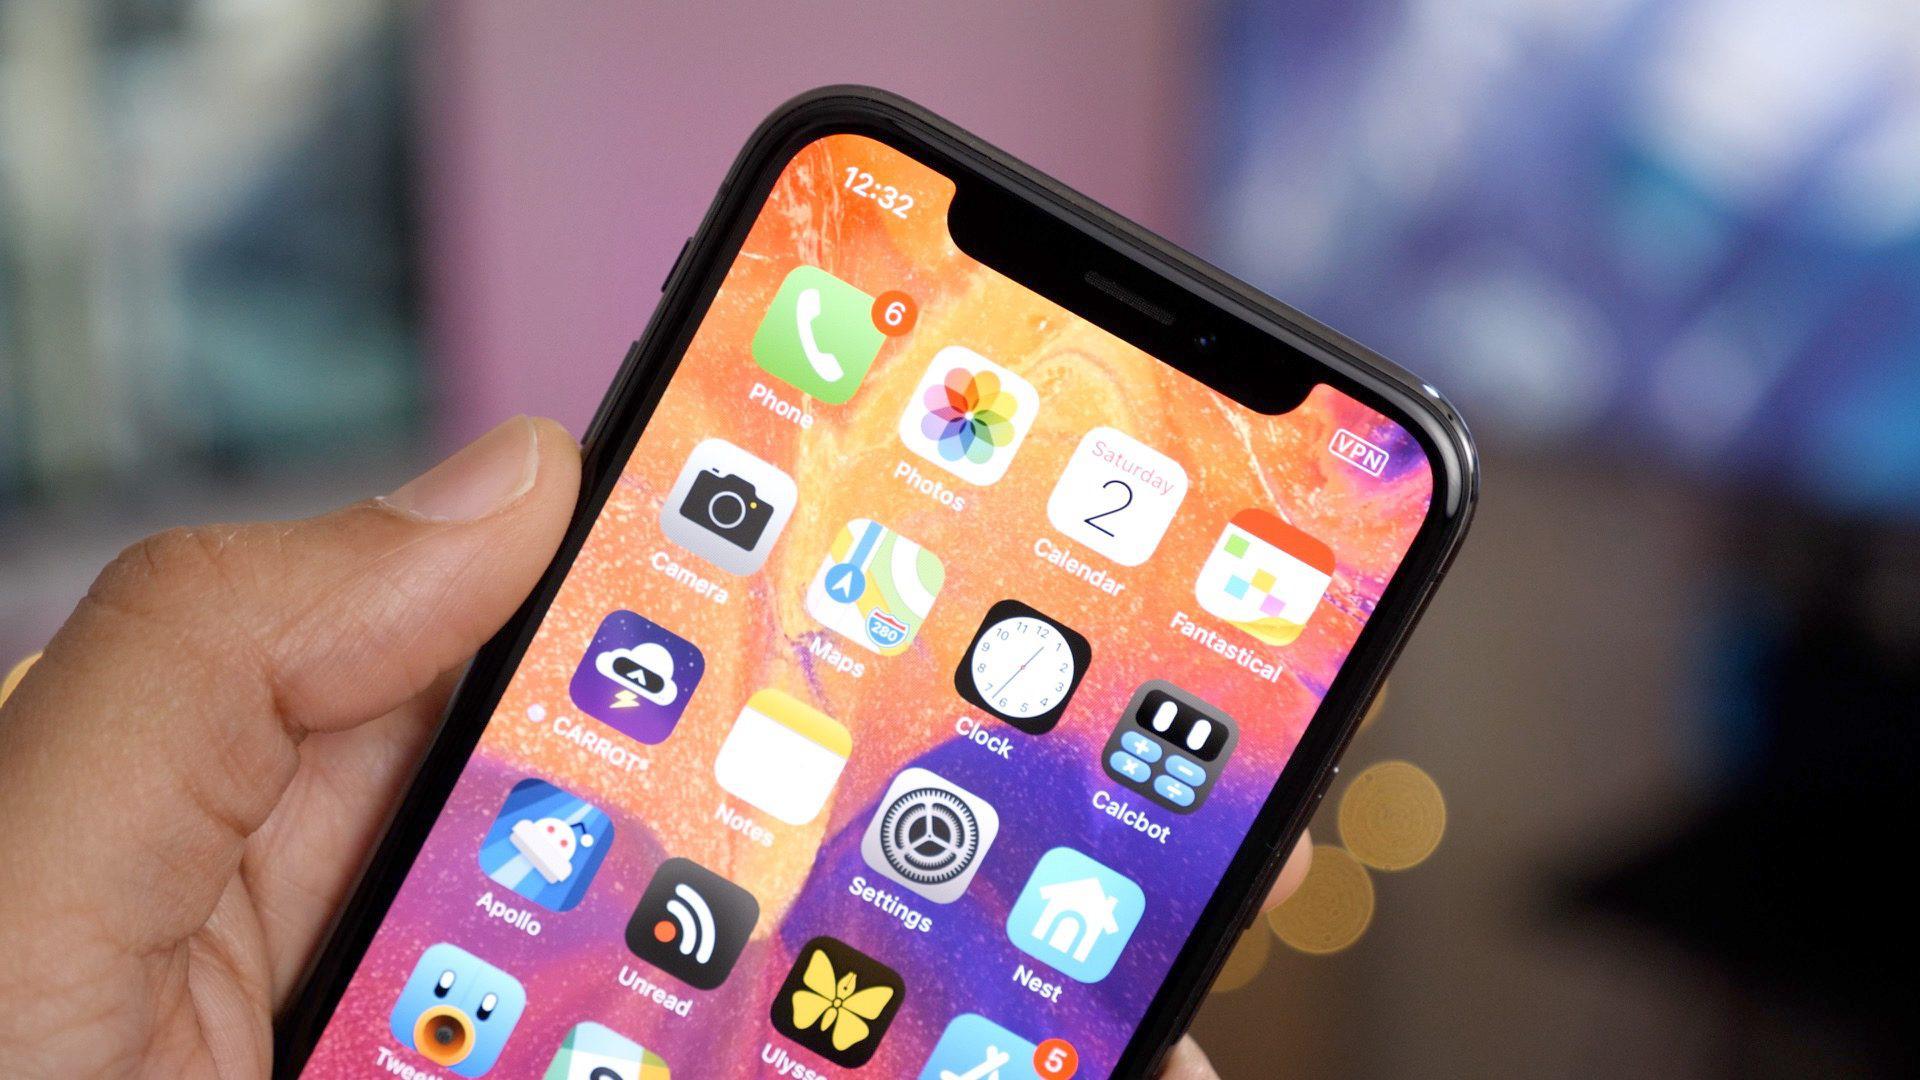 iOS 13.4 dính nhiều lỗi nghiêm trọng, khuyên người dùng đừng cập nhật - Ảnh 1.